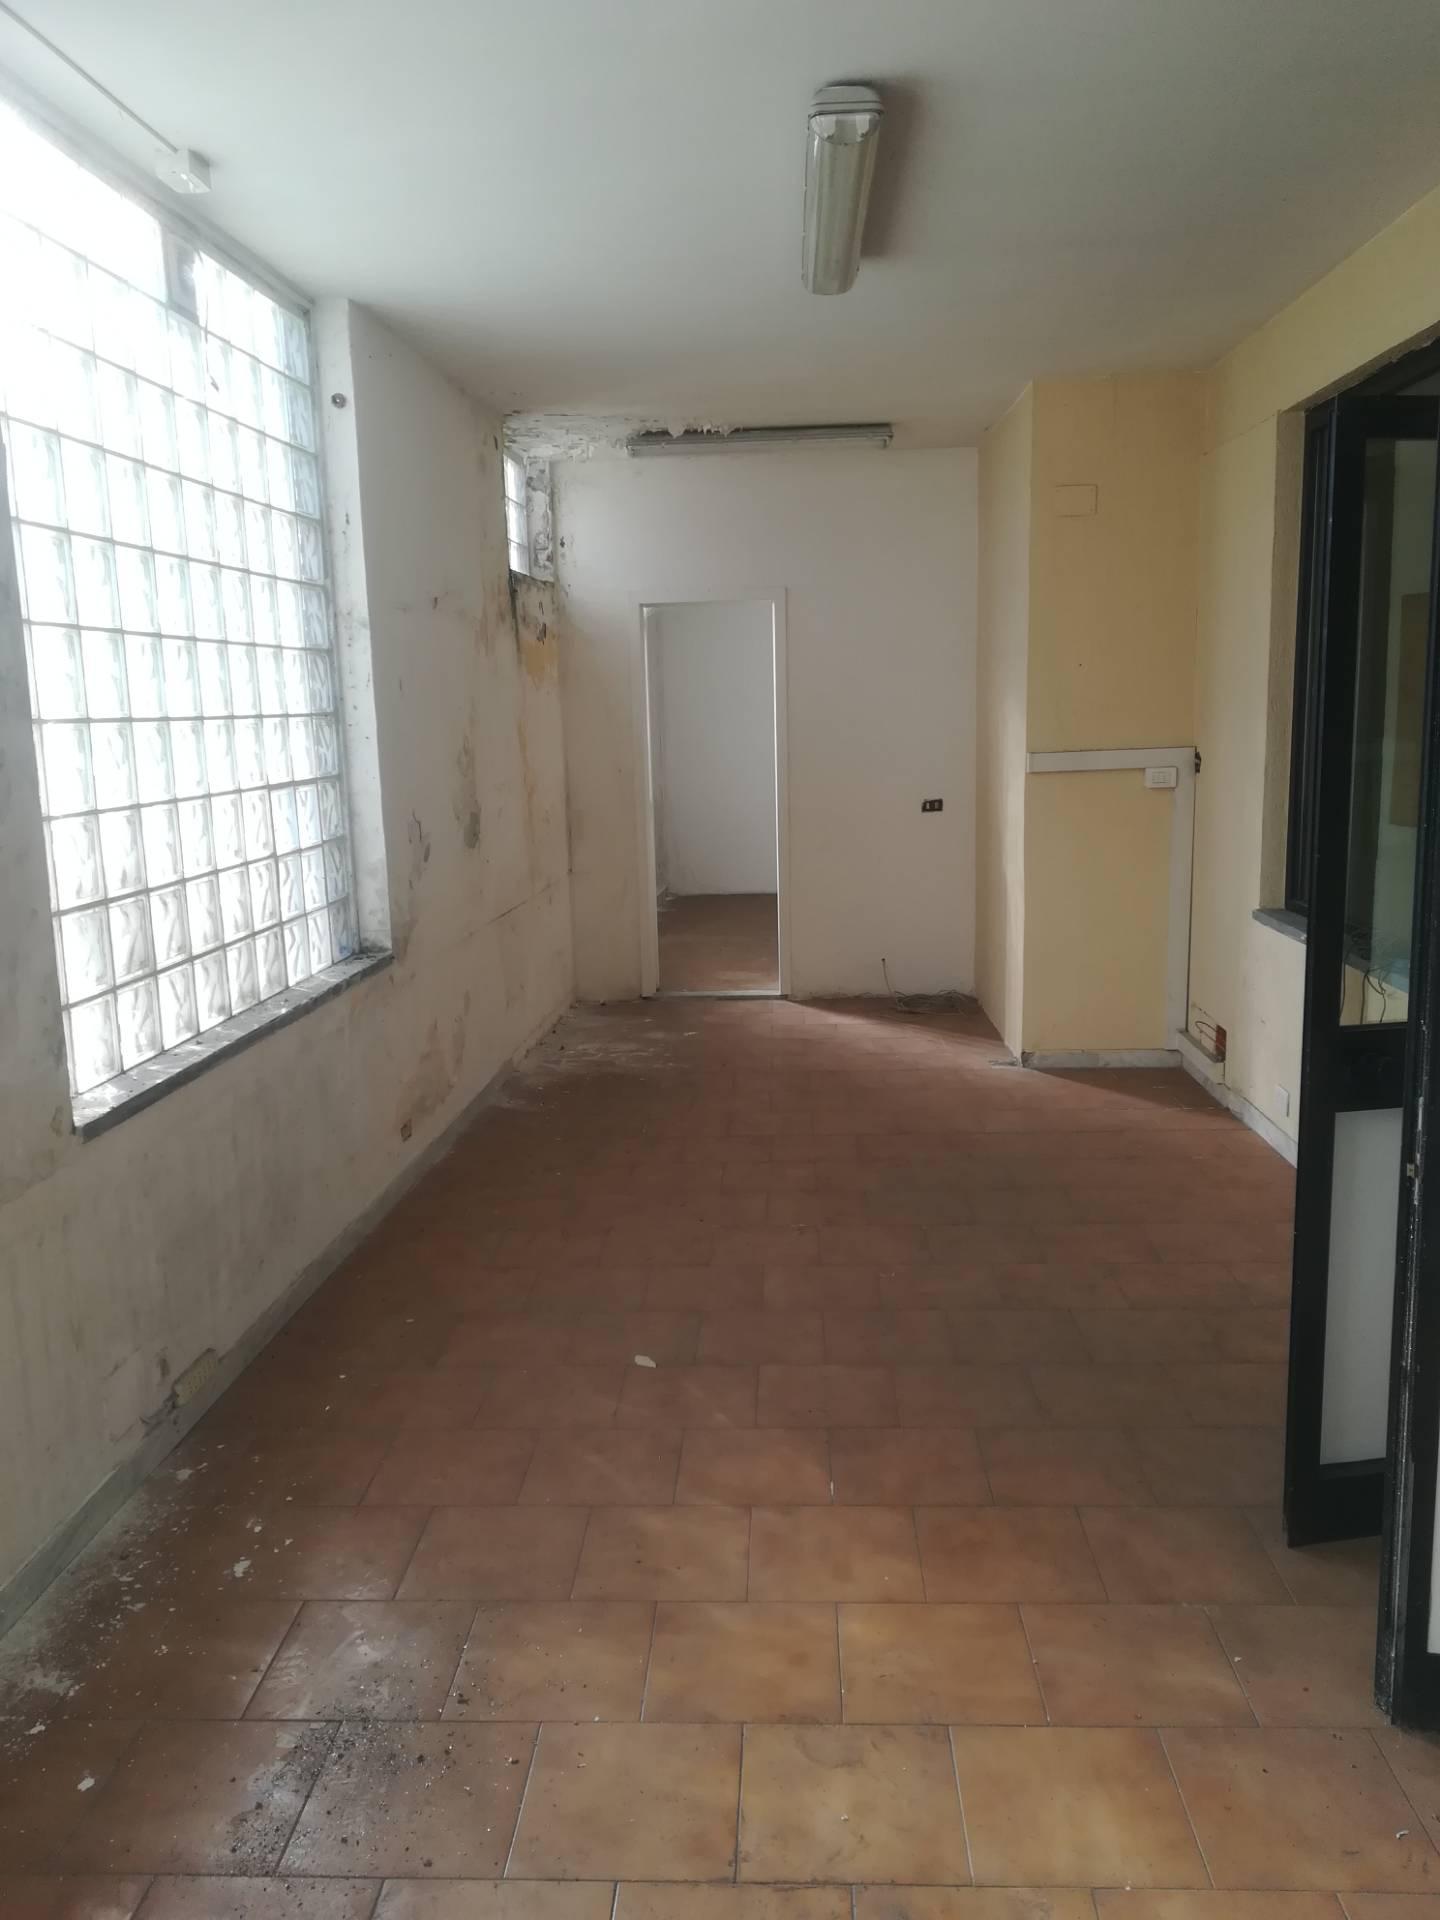 Negozio / Locale in vendita a Massa, 9999 locali, zona Zona: Centro, prezzo € 250.000 | CambioCasa.it